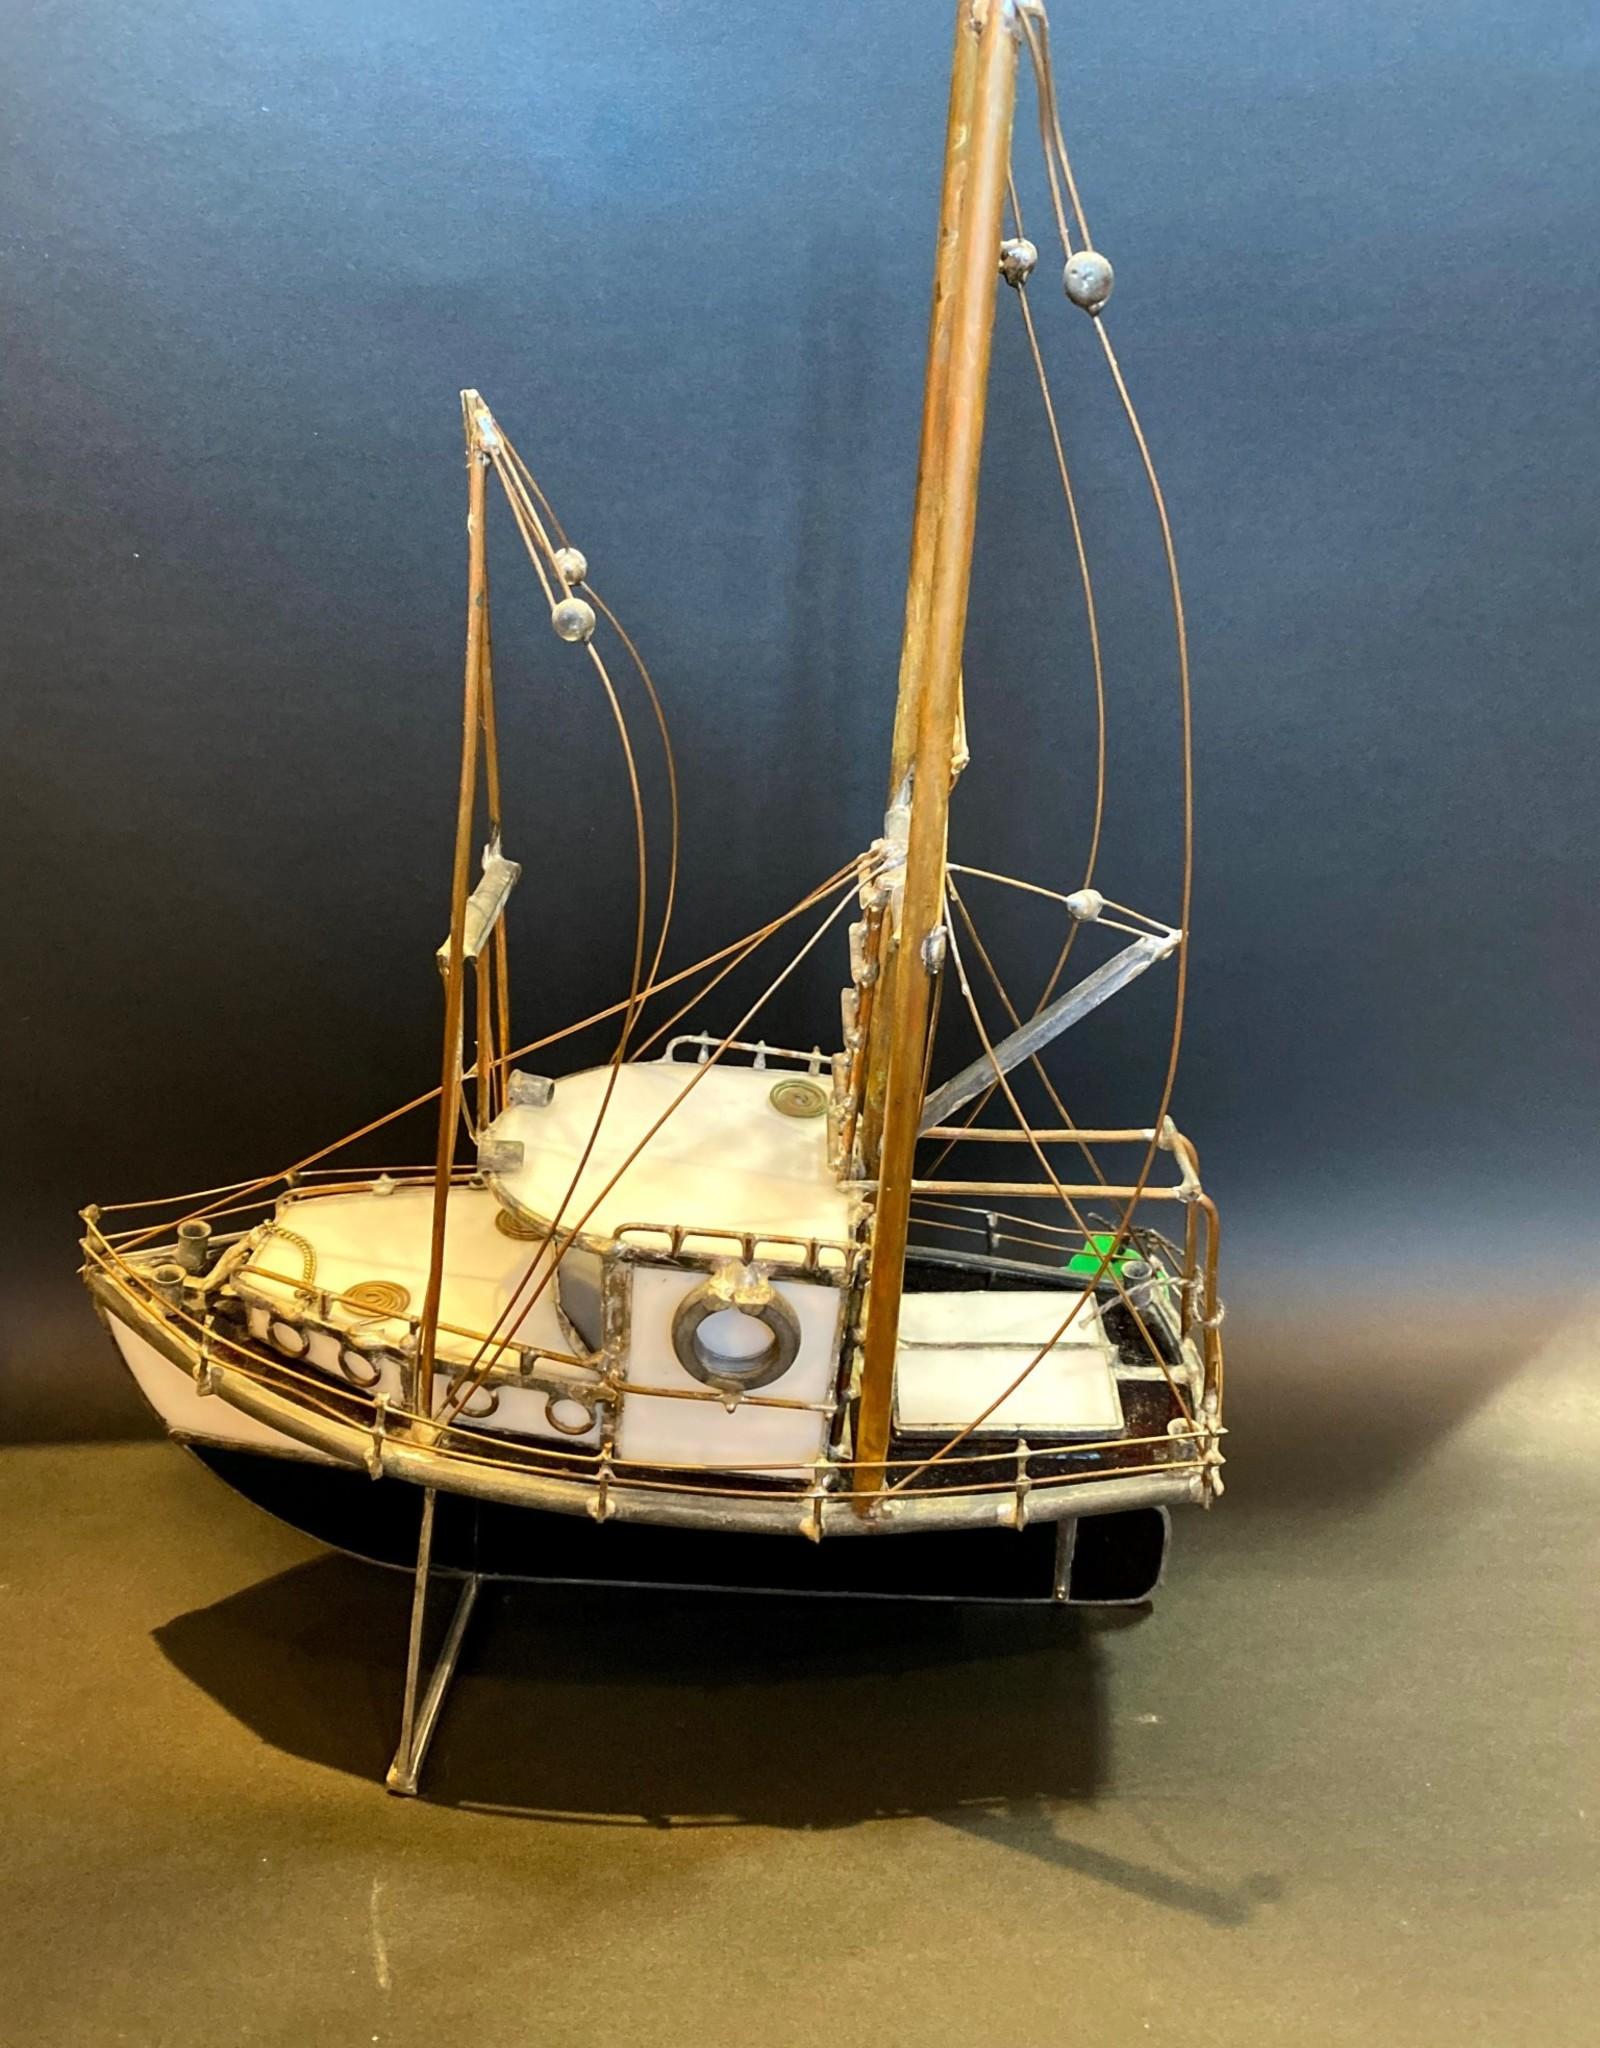 Glass Boat - Sanger